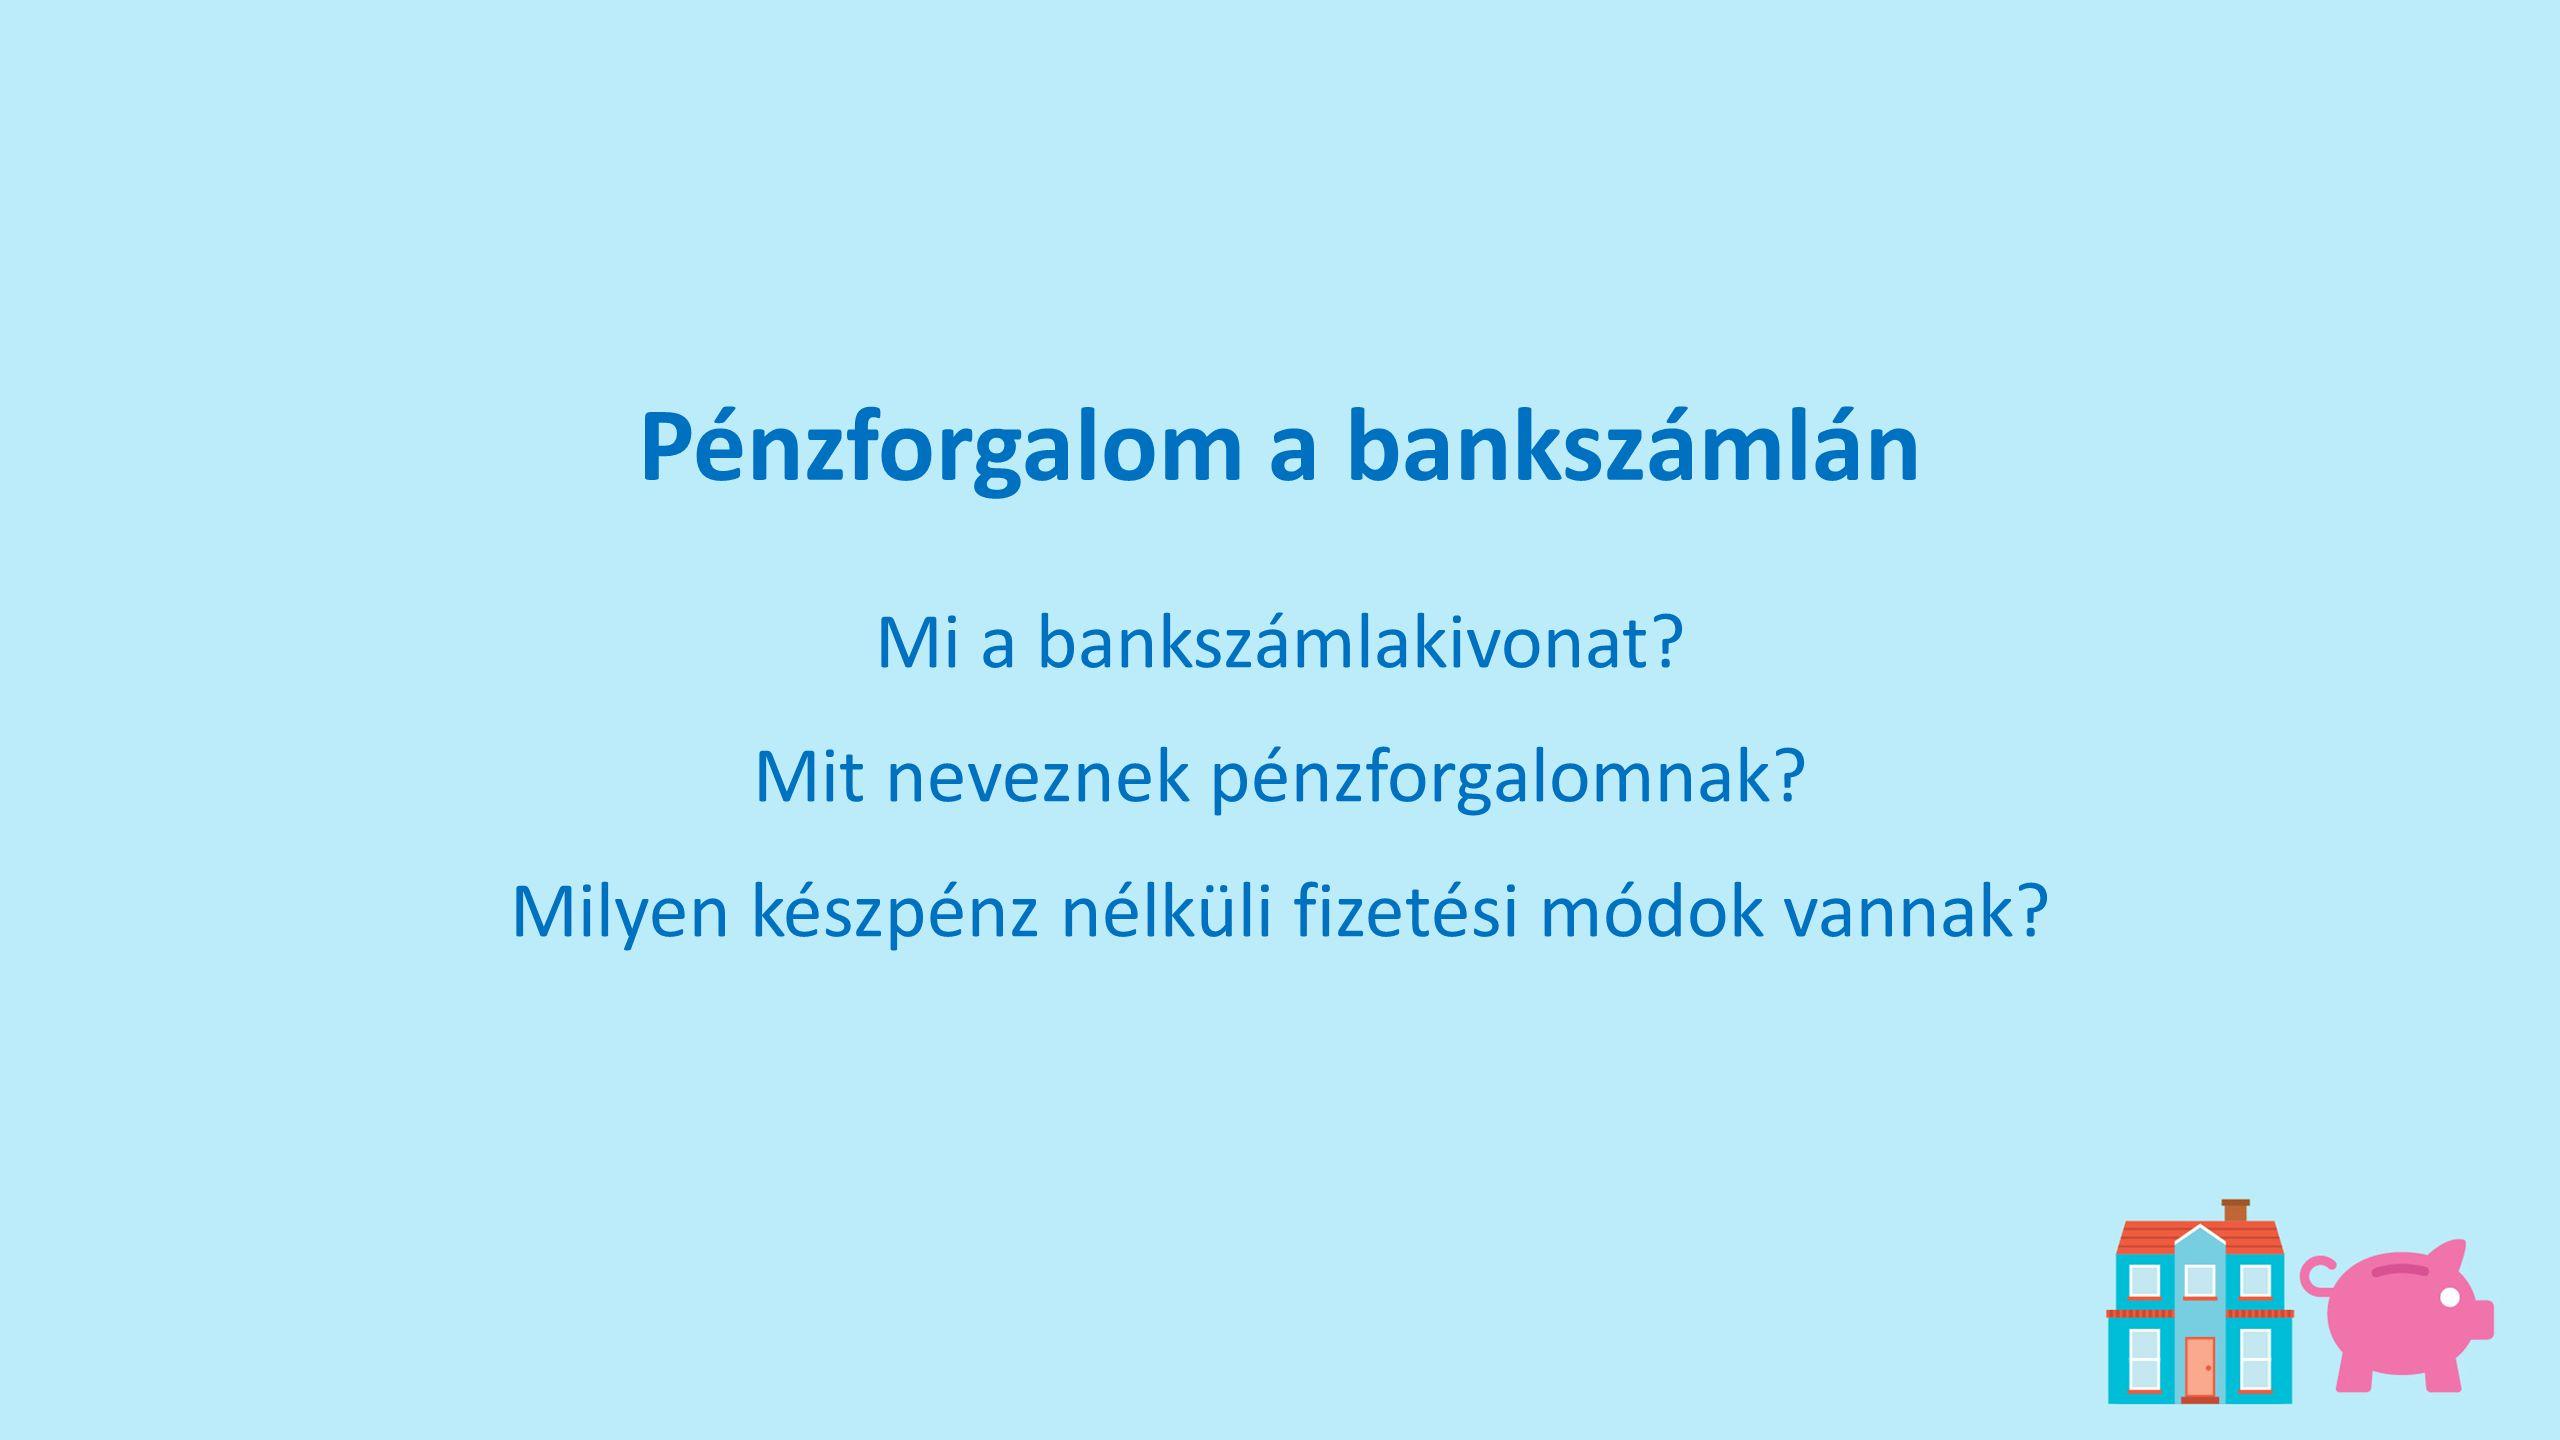 Pénzforgalom a bankszámlán Mi a bankszámlakivonat? Mit neveznek pénzforgalomnak? Milyen készpénz nélküli fizetési módok vannak?